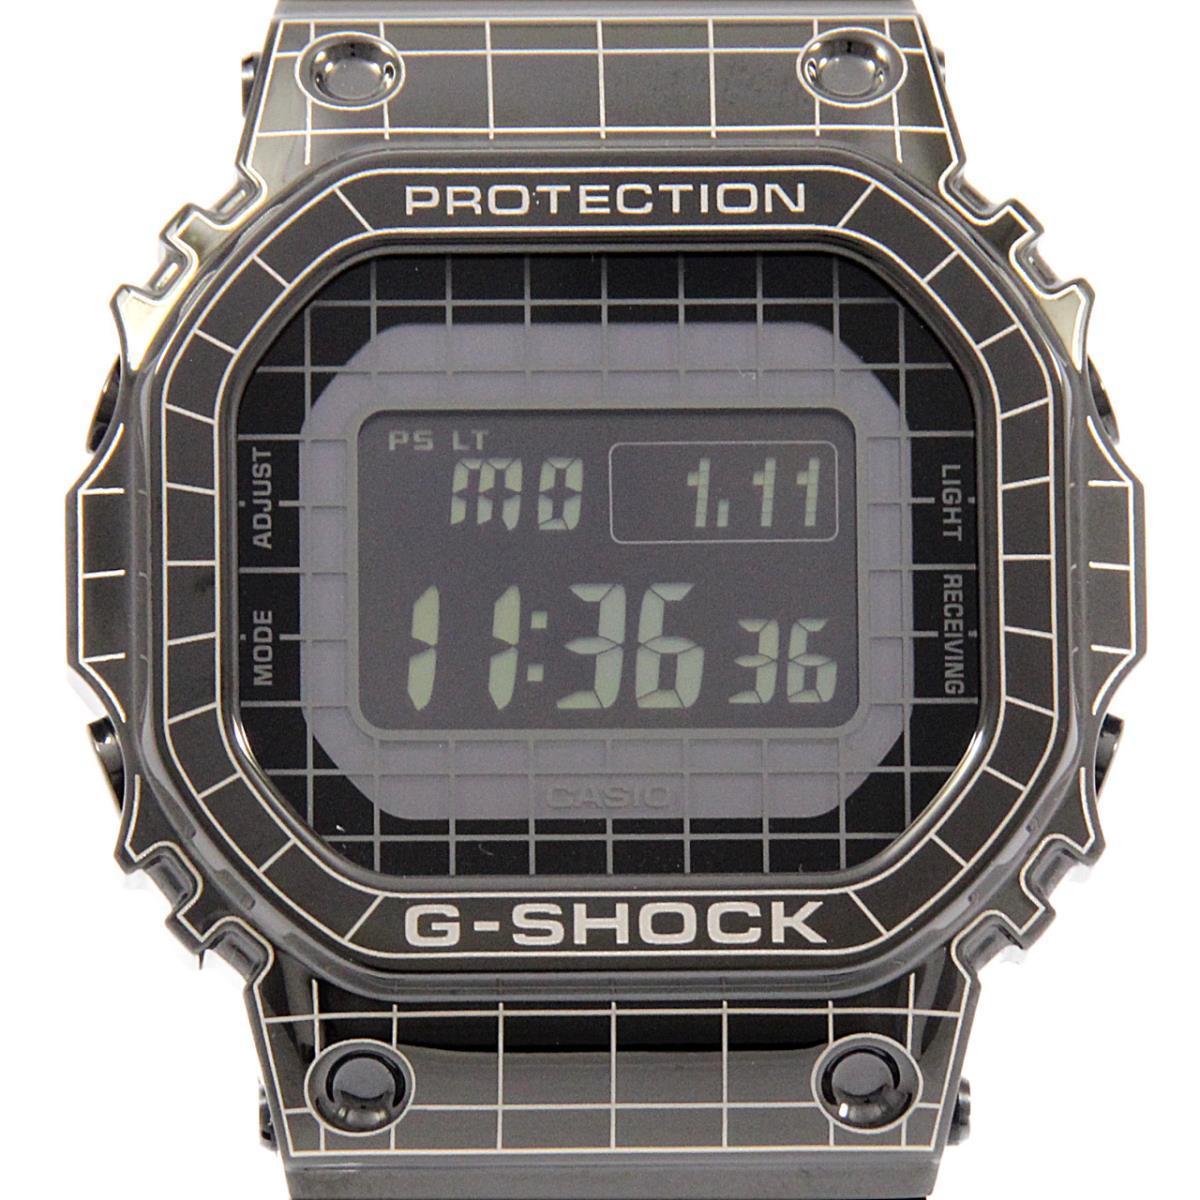 カシオ GMW-B5000CS-1JR G-SHOCK ソーラークォーツ